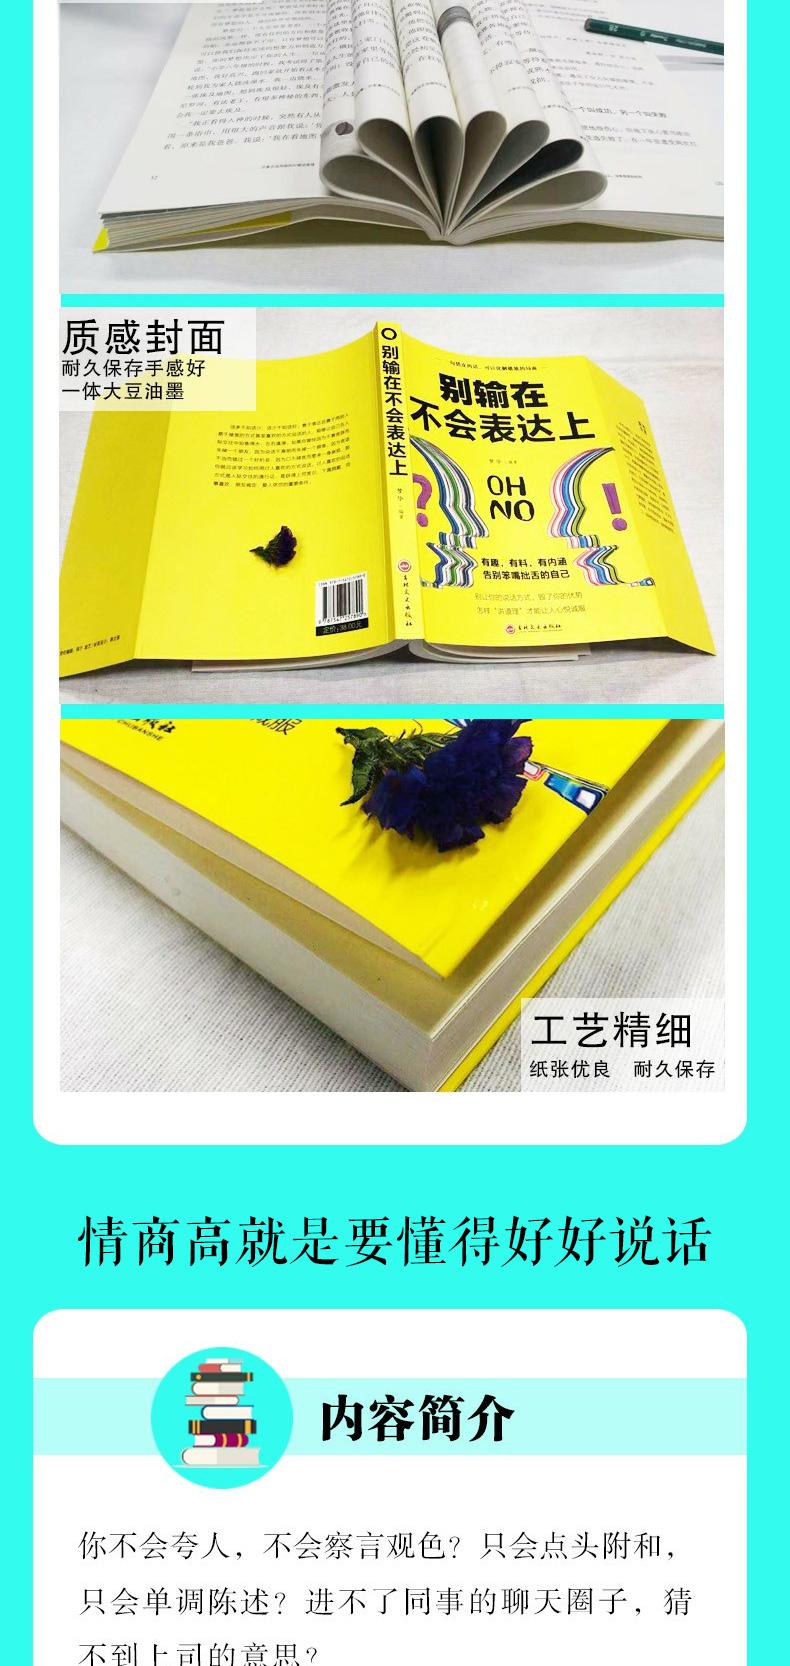 2019经济类畅销书籍_8.5分起,2019经济学畅销书Top5 西西弗书店精选